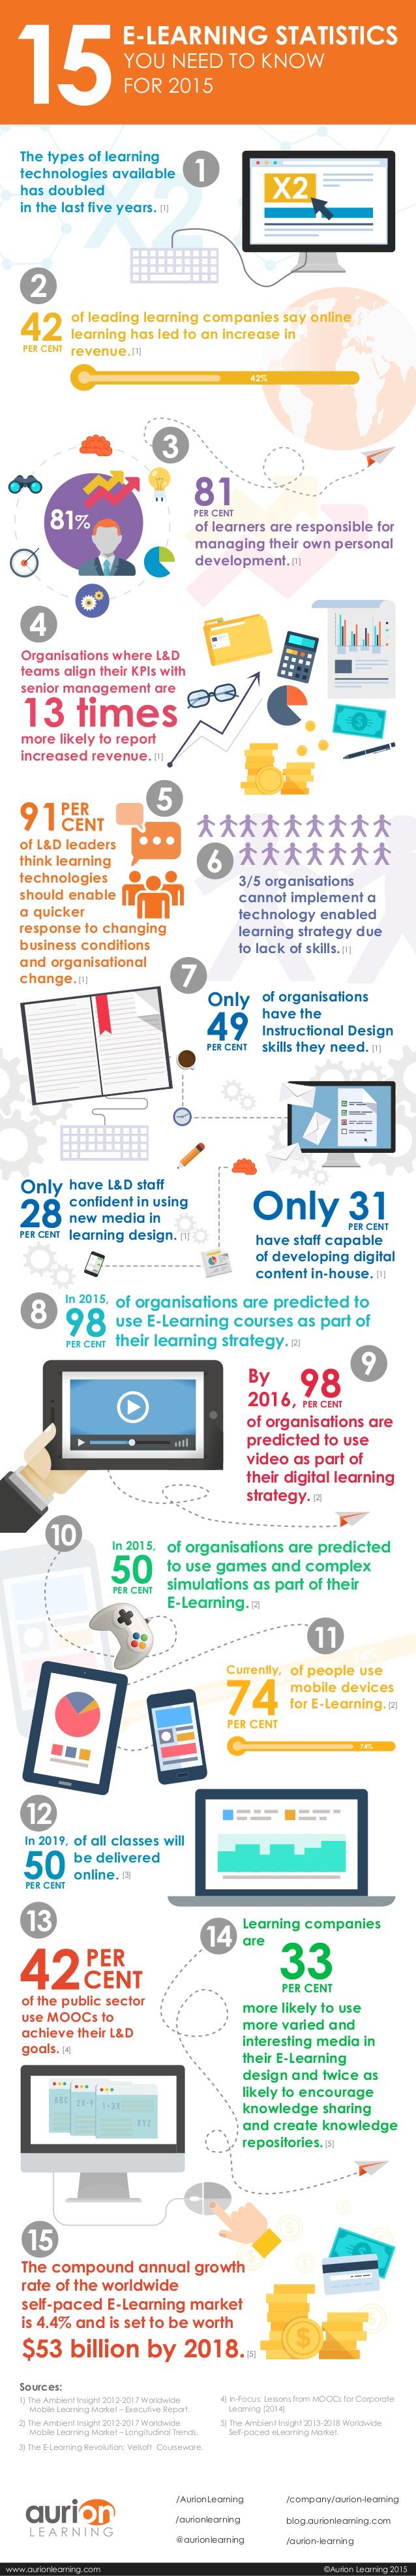 15 estadísticas sobre eLearning que debes conocer